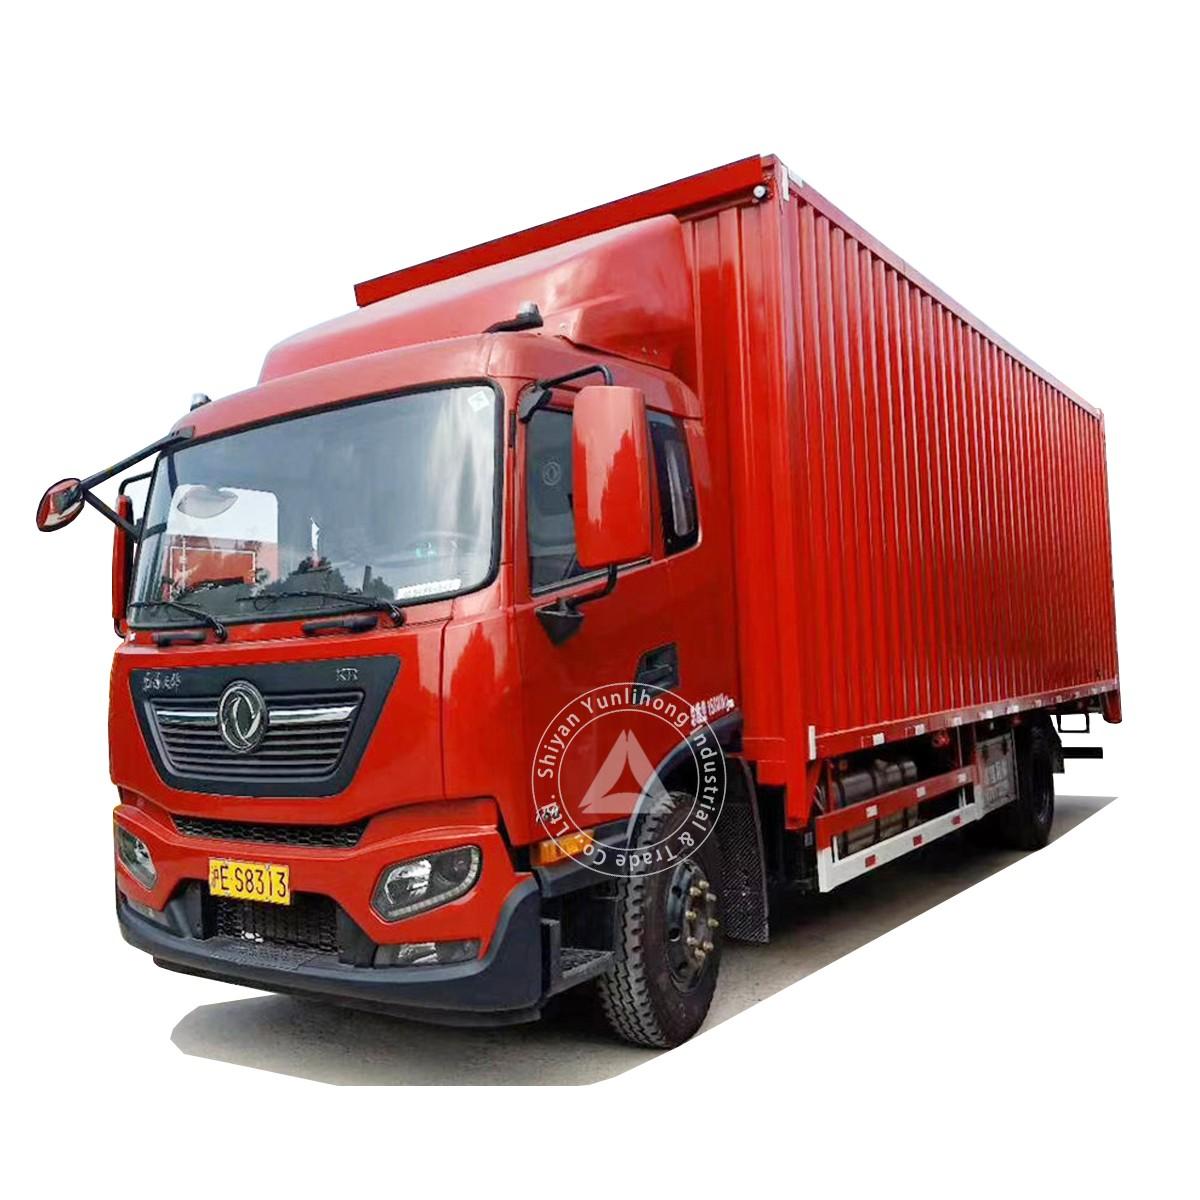 खरीदने के लिए डोंगफेंग के.आर. 4x2 180hp GVW 14 टन एक्सप्रेस और पोस्टल बॉक्स ट्रक,डोंगफेंग के.आर. 4x2 180hp GVW 14 टन एक्सप्रेस और पोस्टल बॉक्स ट्रक दाम,डोंगफेंग के.आर. 4x2 180hp GVW 14 टन एक्सप्रेस और पोस्टल बॉक्स ट्रक ब्रांड,डोंगफेंग के.आर. 4x2 180hp GVW 14 टन एक्सप्रेस और पोस्टल बॉक्स ट्रक मैन्युफैक्चरर्स,डोंगफेंग के.आर. 4x2 180hp GVW 14 टन एक्सप्रेस और पोस्टल बॉक्स ट्रक उद्धृत मूल्य,डोंगफेंग के.आर. 4x2 180hp GVW 14 टन एक्सप्रेस और पोस्टल बॉक्स ट्रक कंपनी,